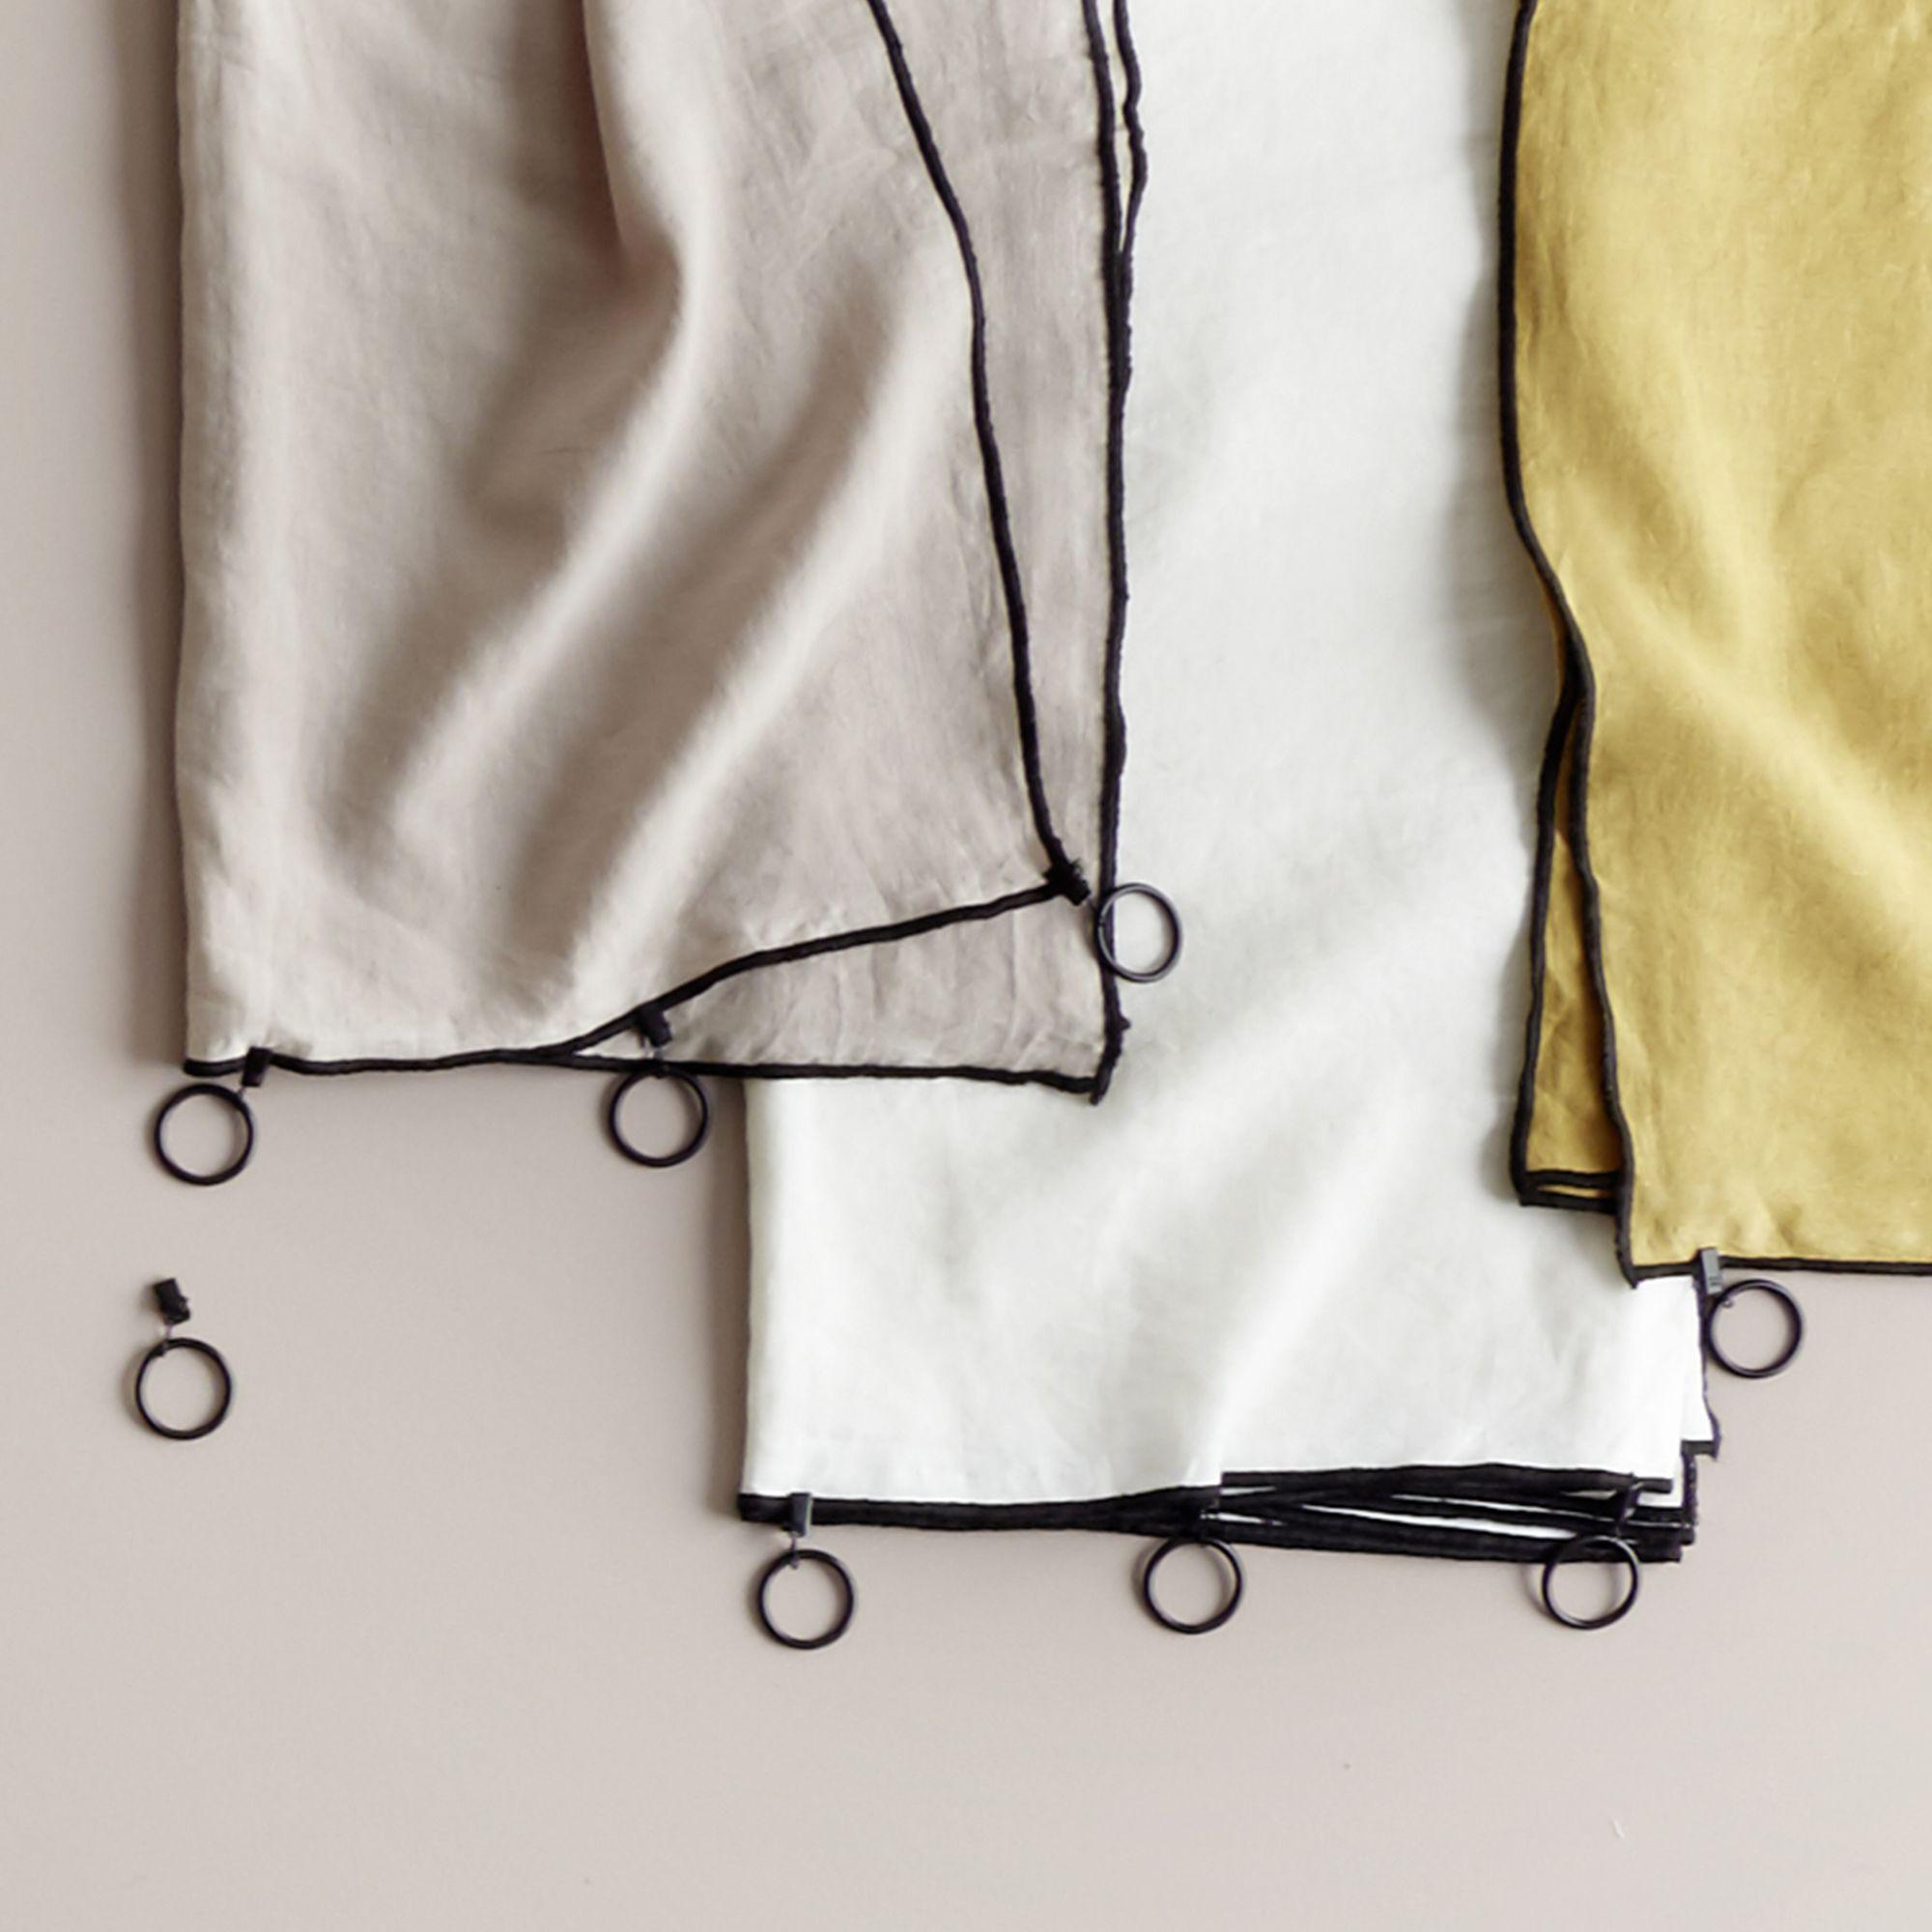 epingle sur rideaux voilages